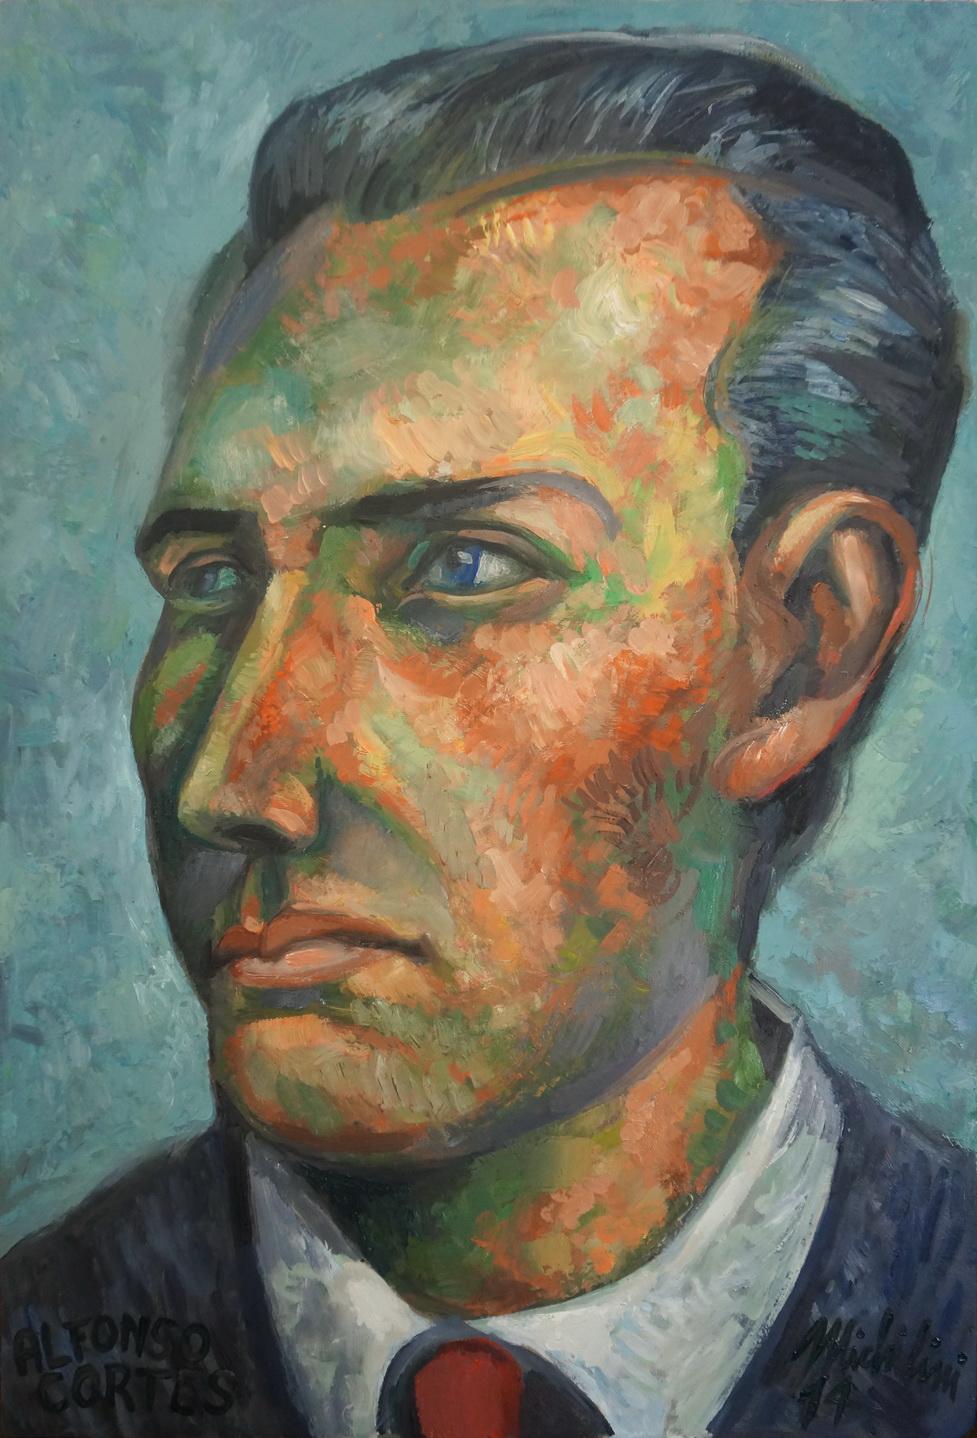 Sergio Michilini, RETRATO DE ALFONSO CORTES JOVEN, 20124, óleo sobre tela, cm.60x40